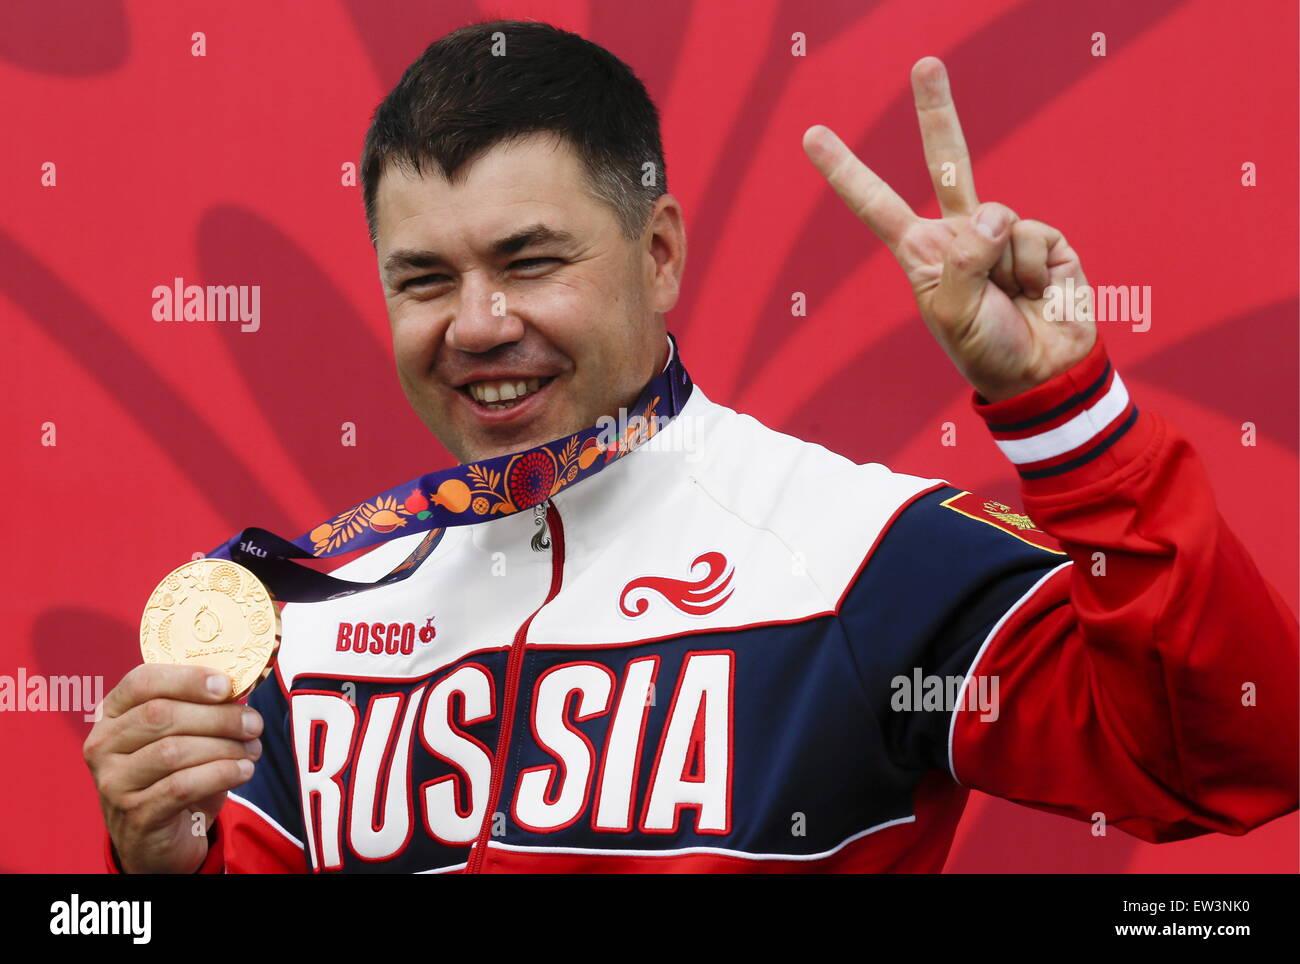 En Bakú, Azerbaiyán. 17 de junio de 2015. La medallista de oro de Rusia, Alexey Alipov en una ceremonia Imagen De Stock